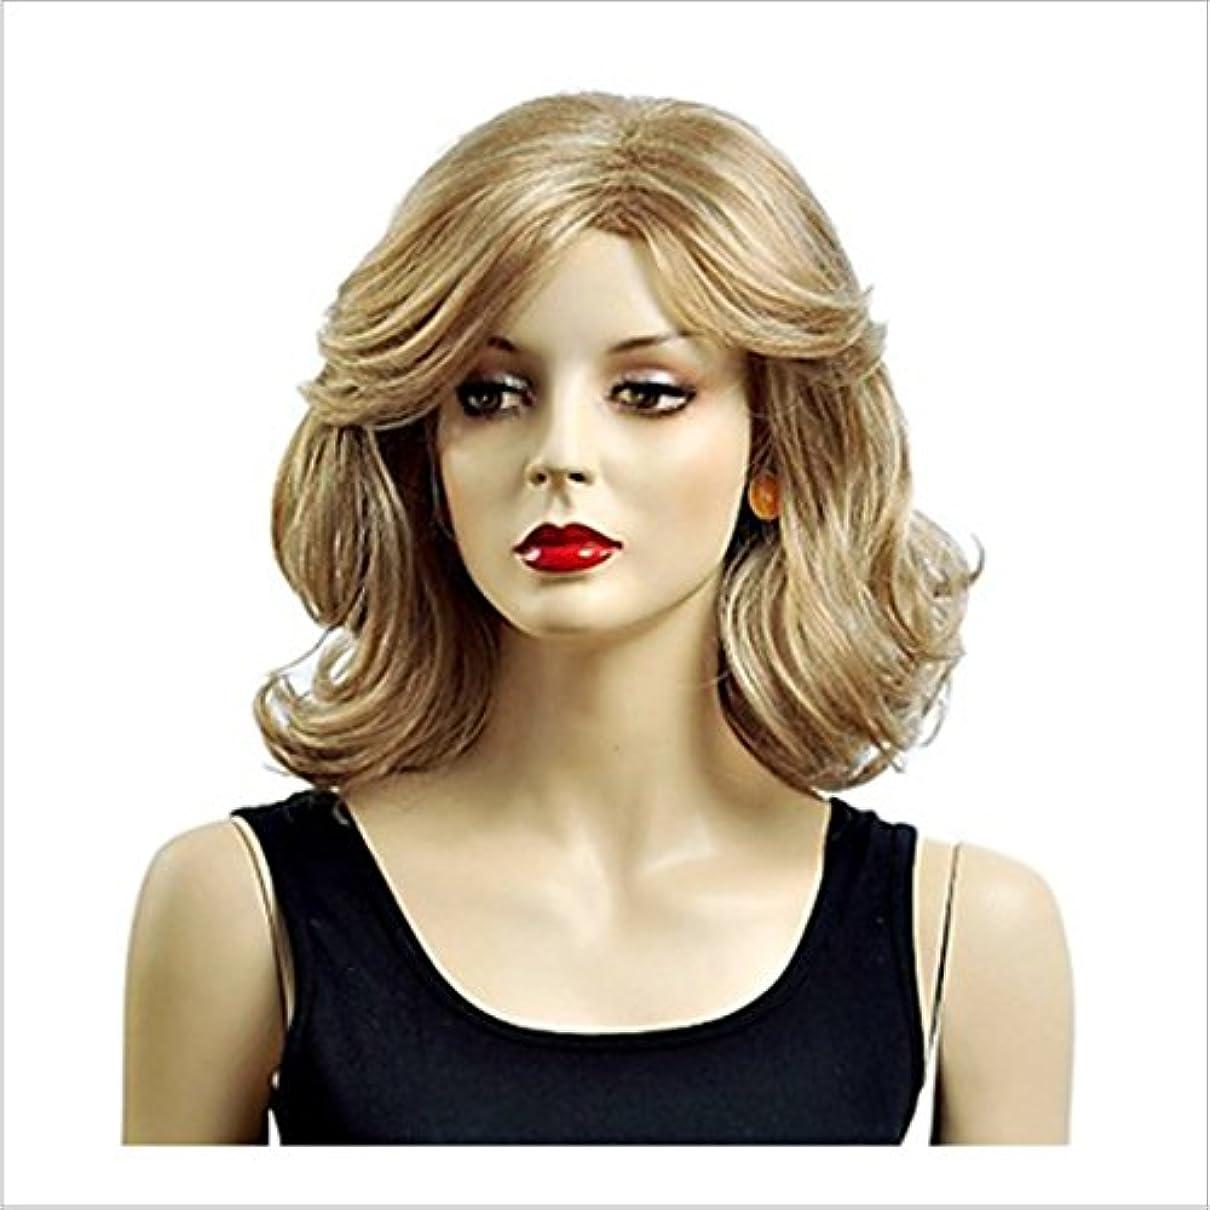 晩餐復活するモニターYOUQIU スプリット前髪16で耐性ホワイトゴールドの女性のカーリーウィッグショートふわふわ波状人工毛自然なカーリーウィッグデイリーウィッグ耐熱ウィッグのために「」180グラム(ゴールド)ウィッグ (色 : ゴールド)